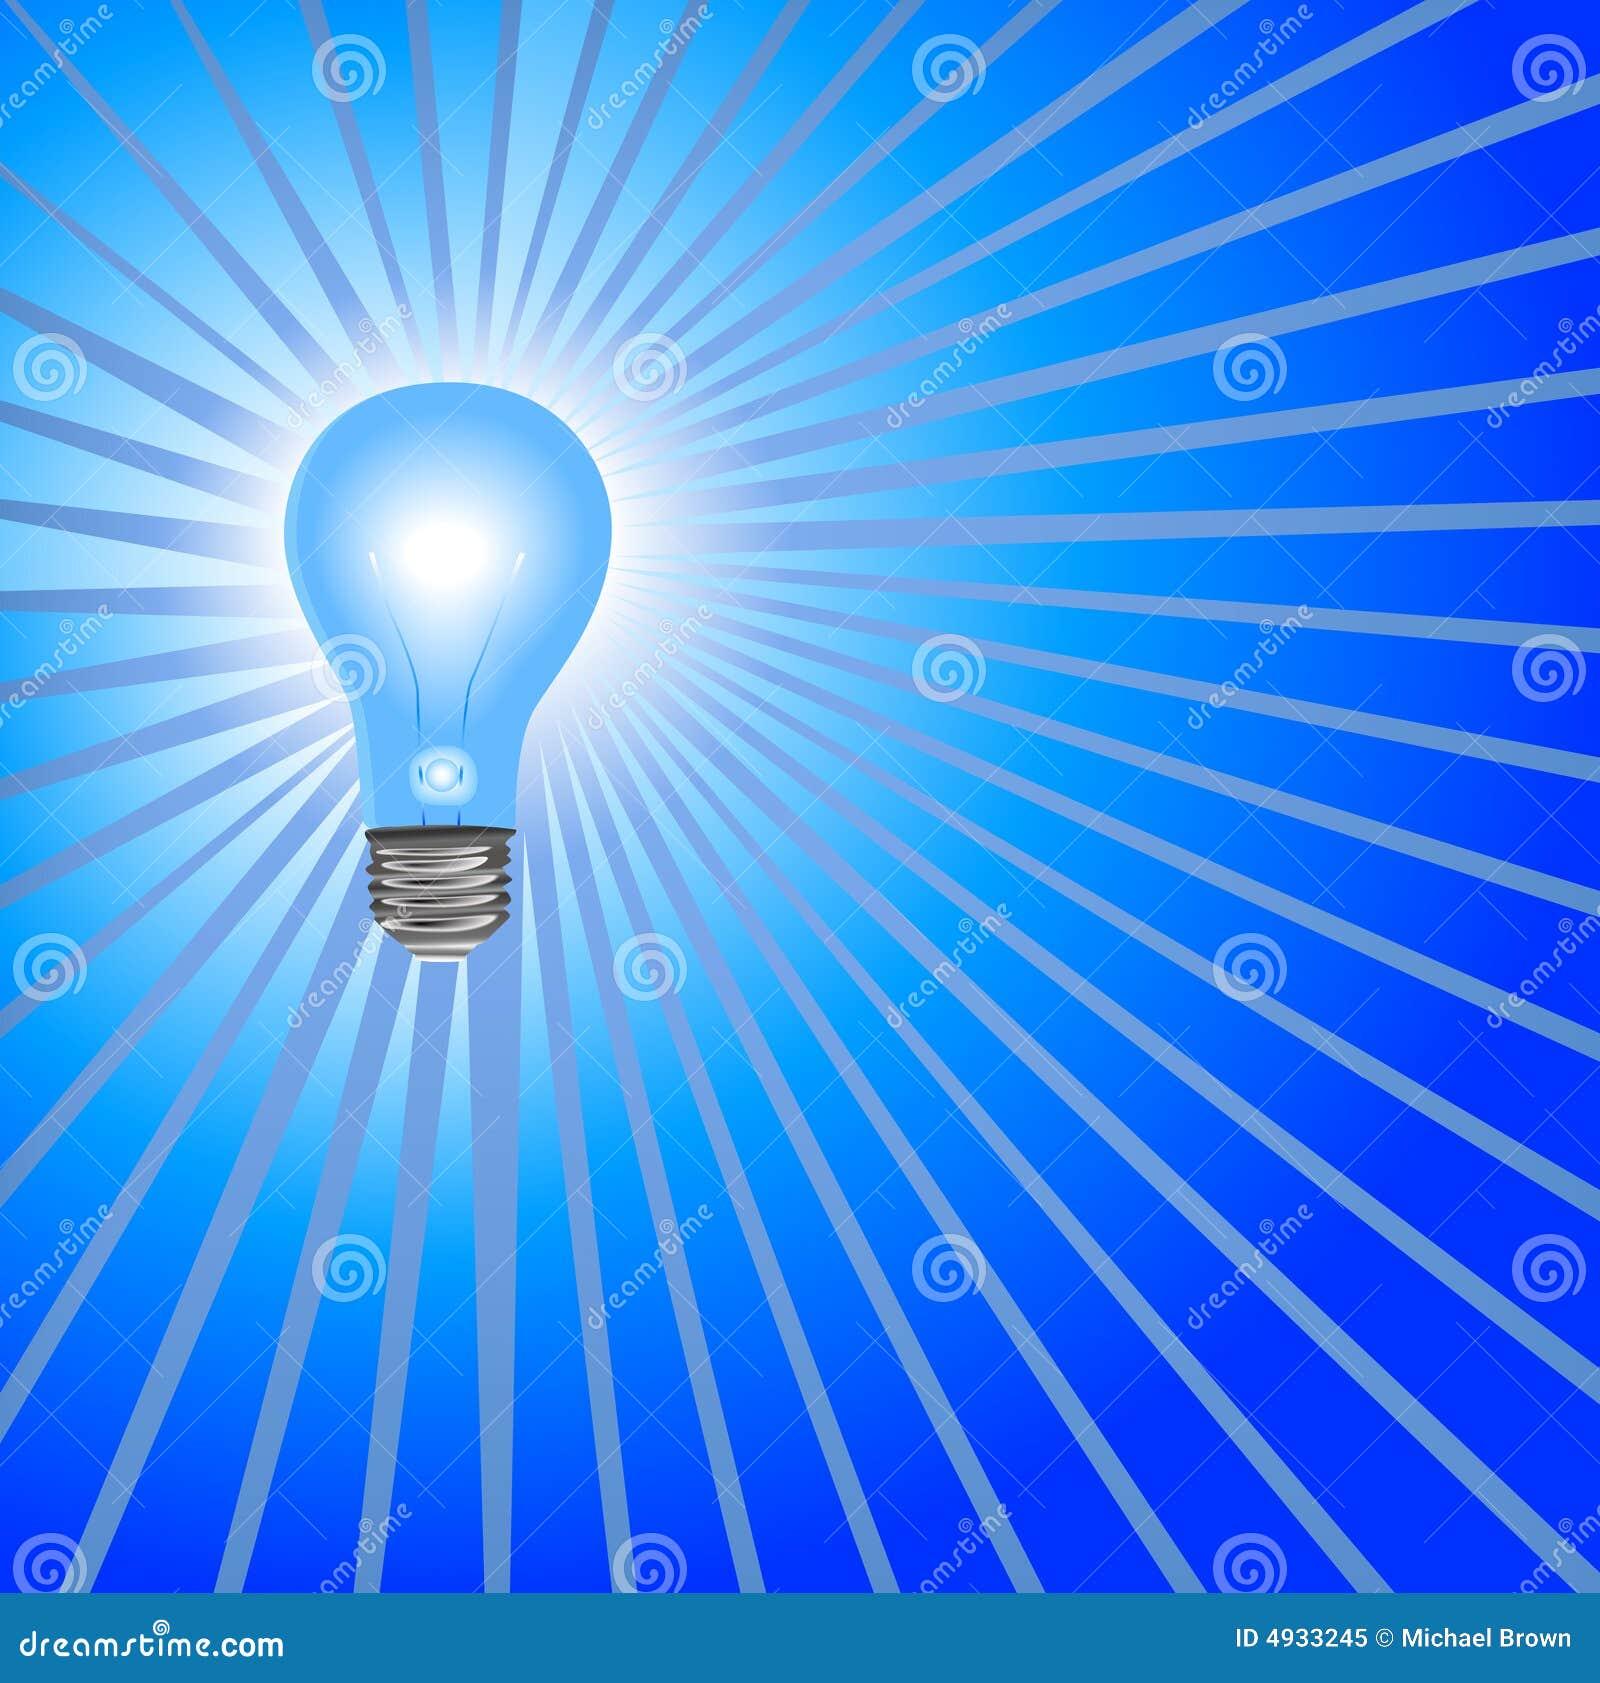 Light Bulb Wallpaper: Blue Light Bulb Background Rays Stock Vector